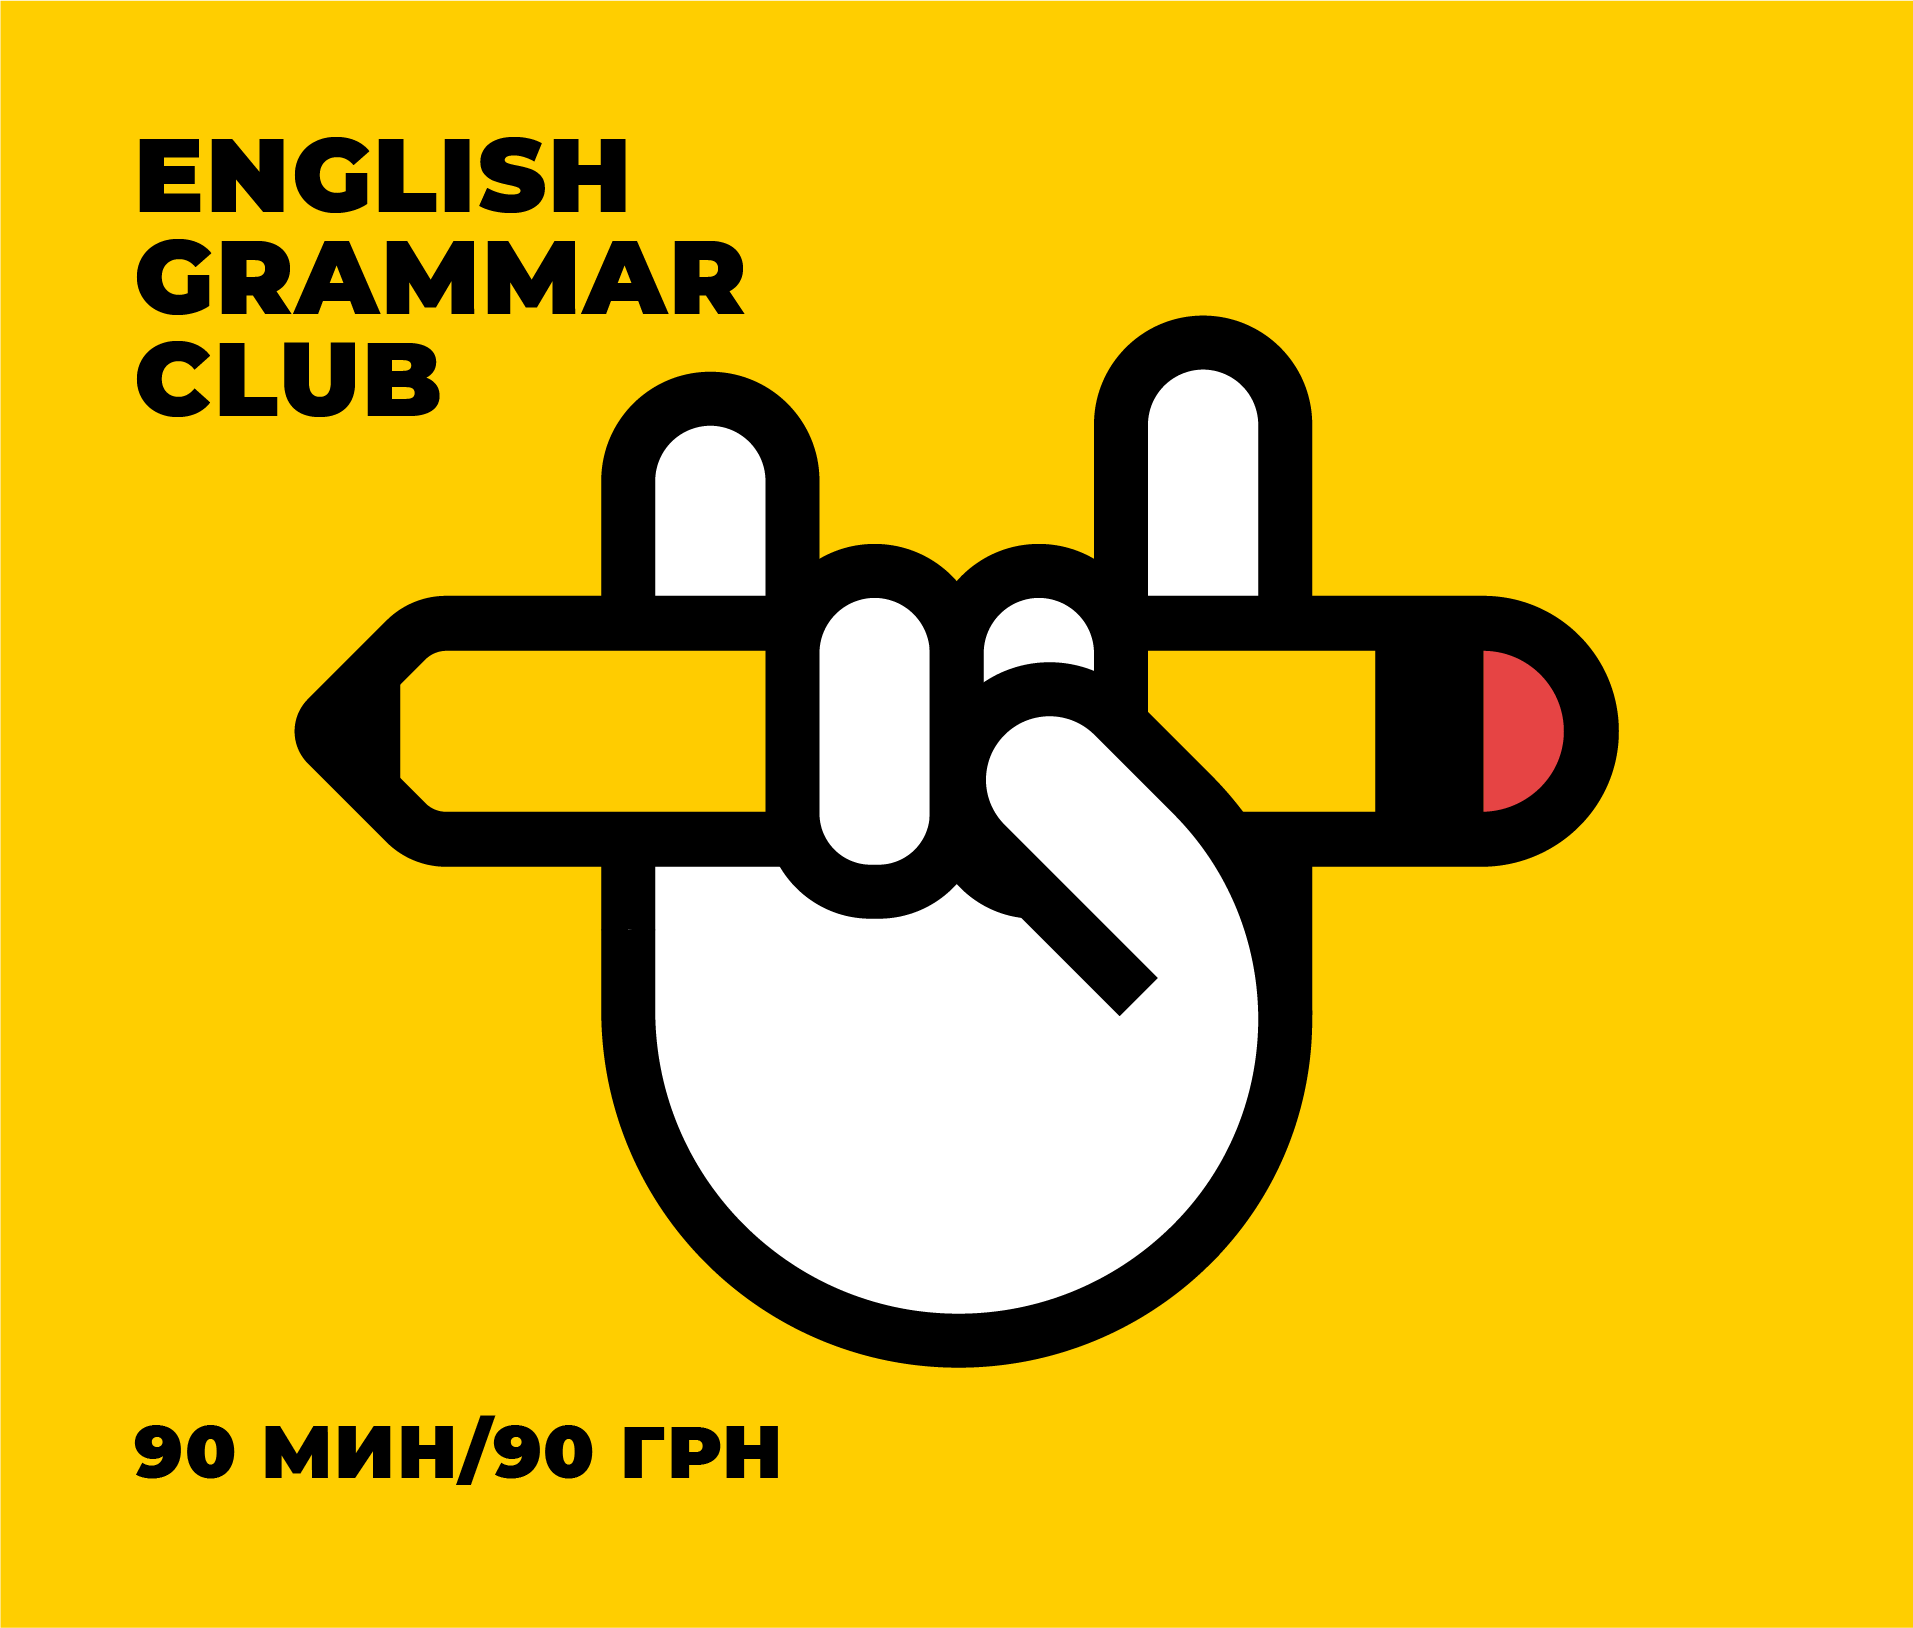 Онлайн-занятие по грамматике английского языка: the Gerund